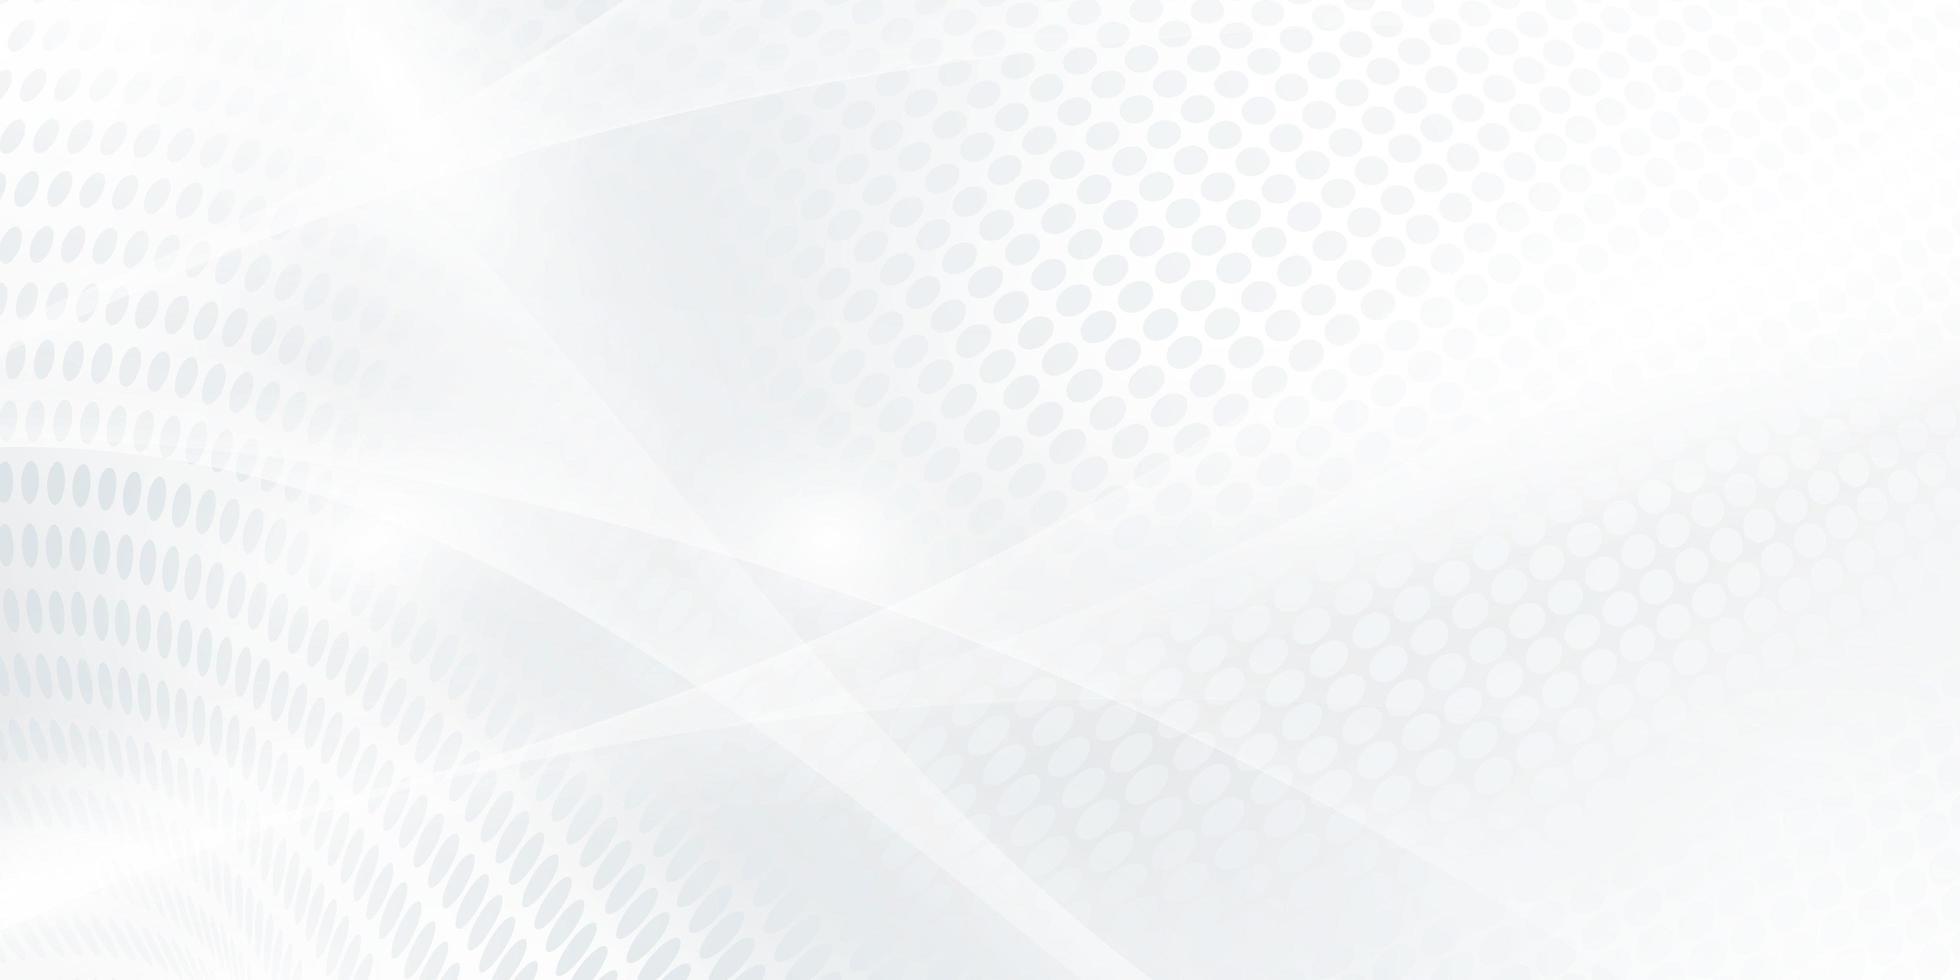 affiche abstraite fond blanc gris avec des vagues dynamiques. vecteur